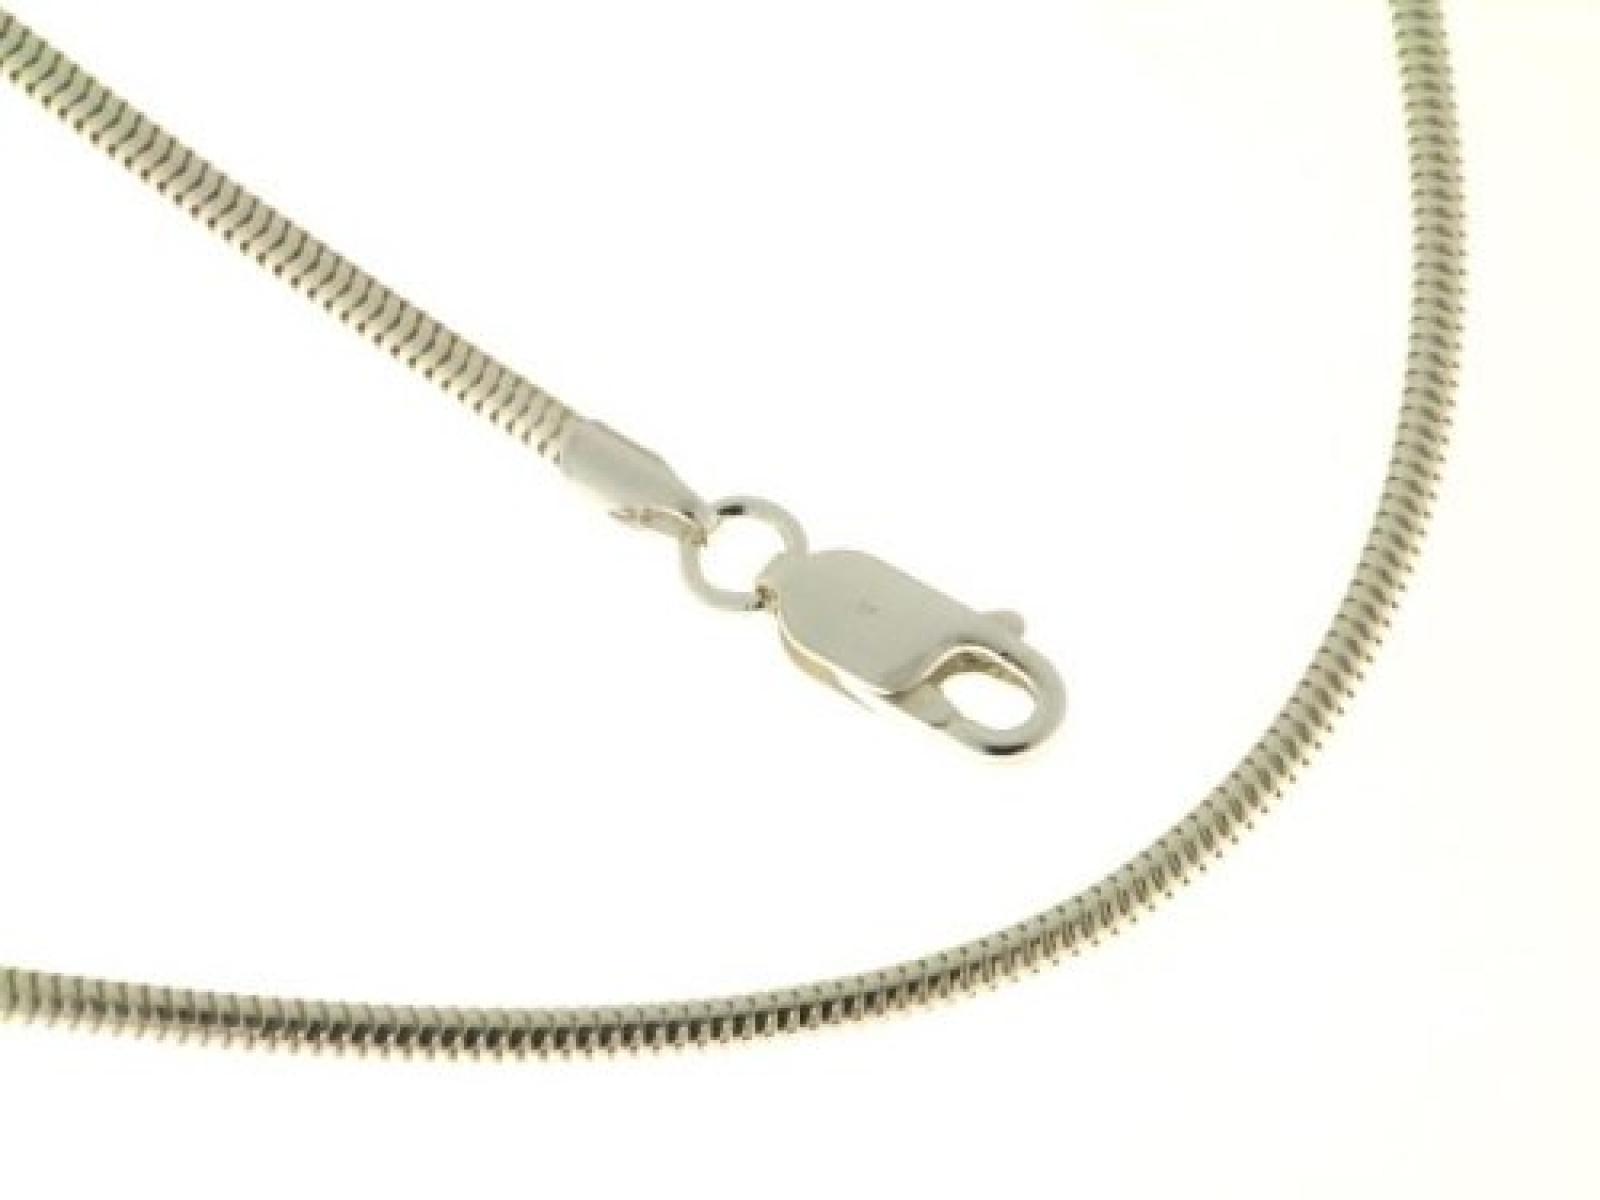 BOB C. Schlangenkette 1,9 mm in 925/- Sterlingsilber, 121739-121742